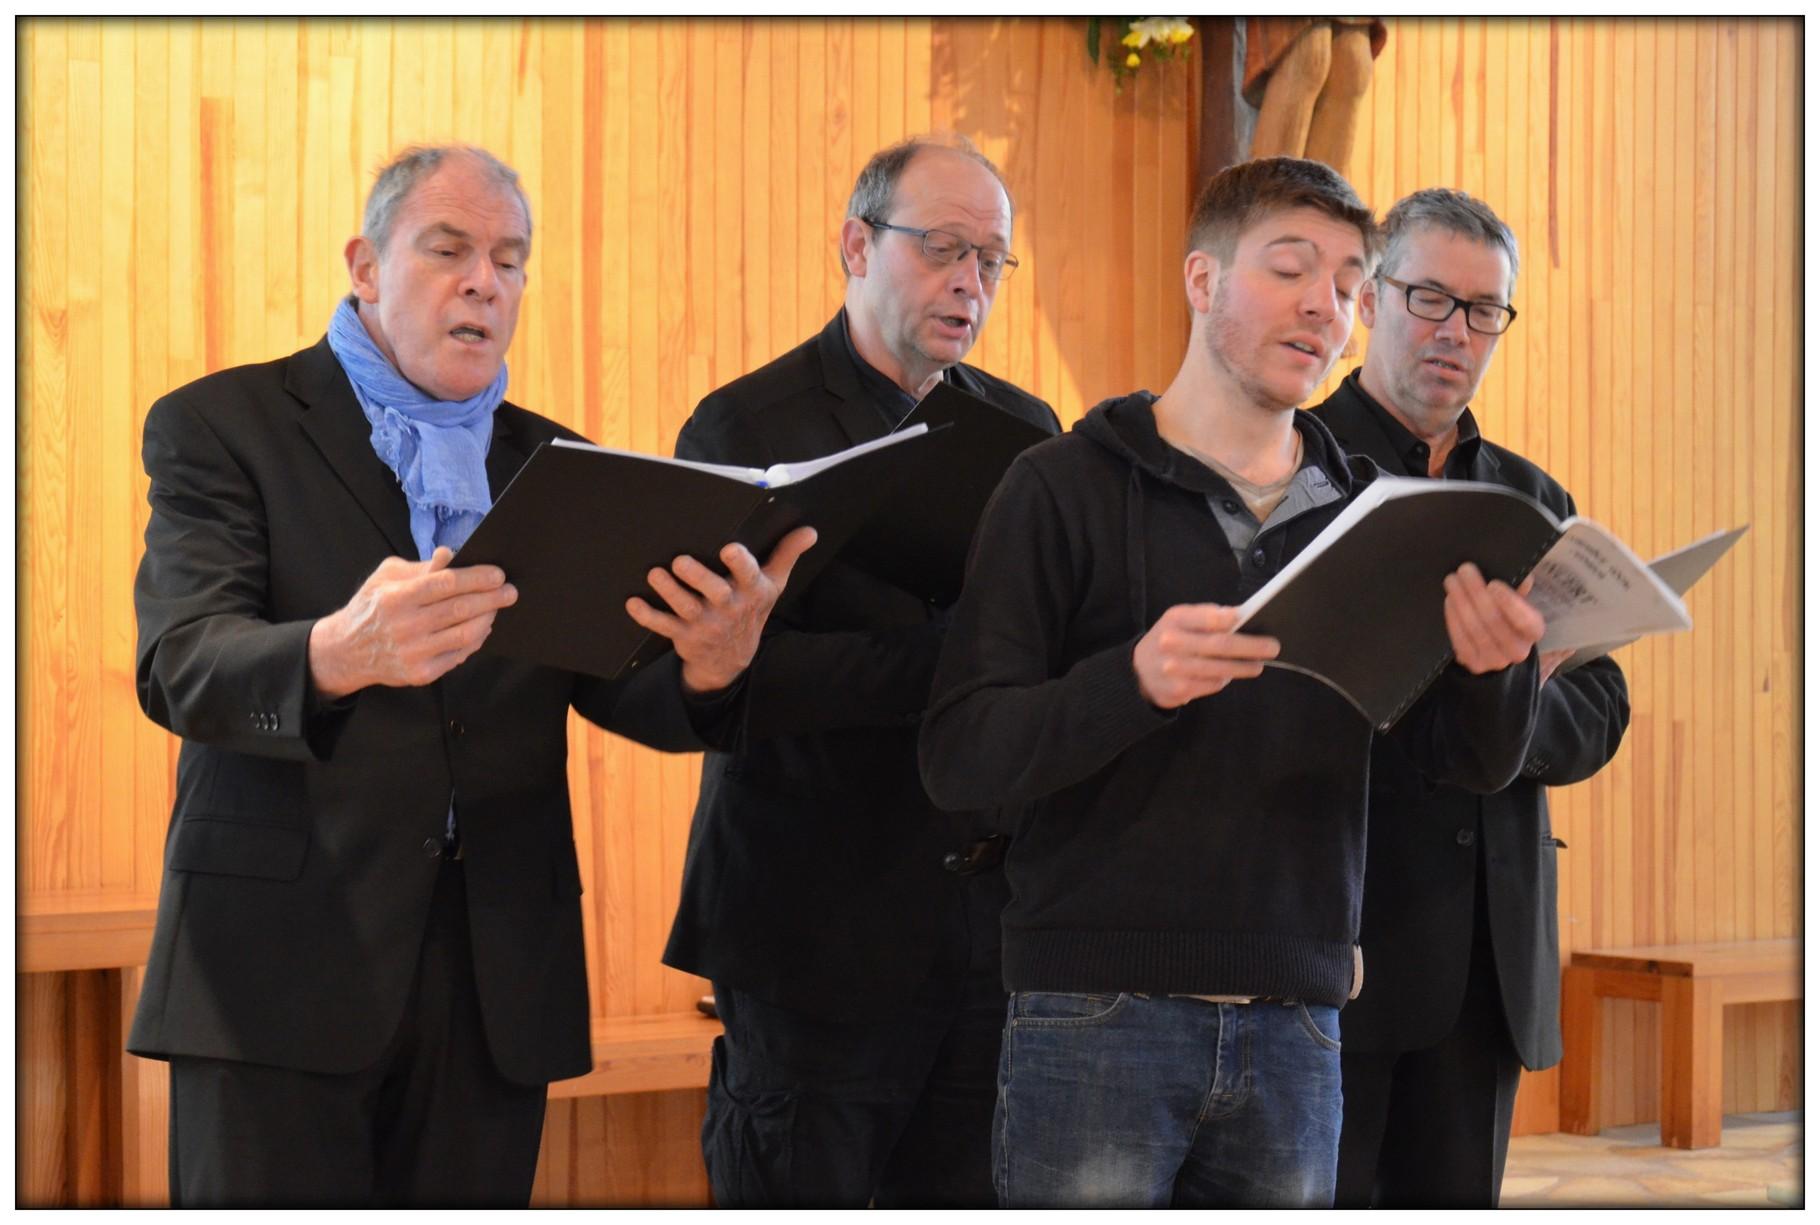 Le pupitre de basses : Noël, Régis, Thierry et Jean-Yves